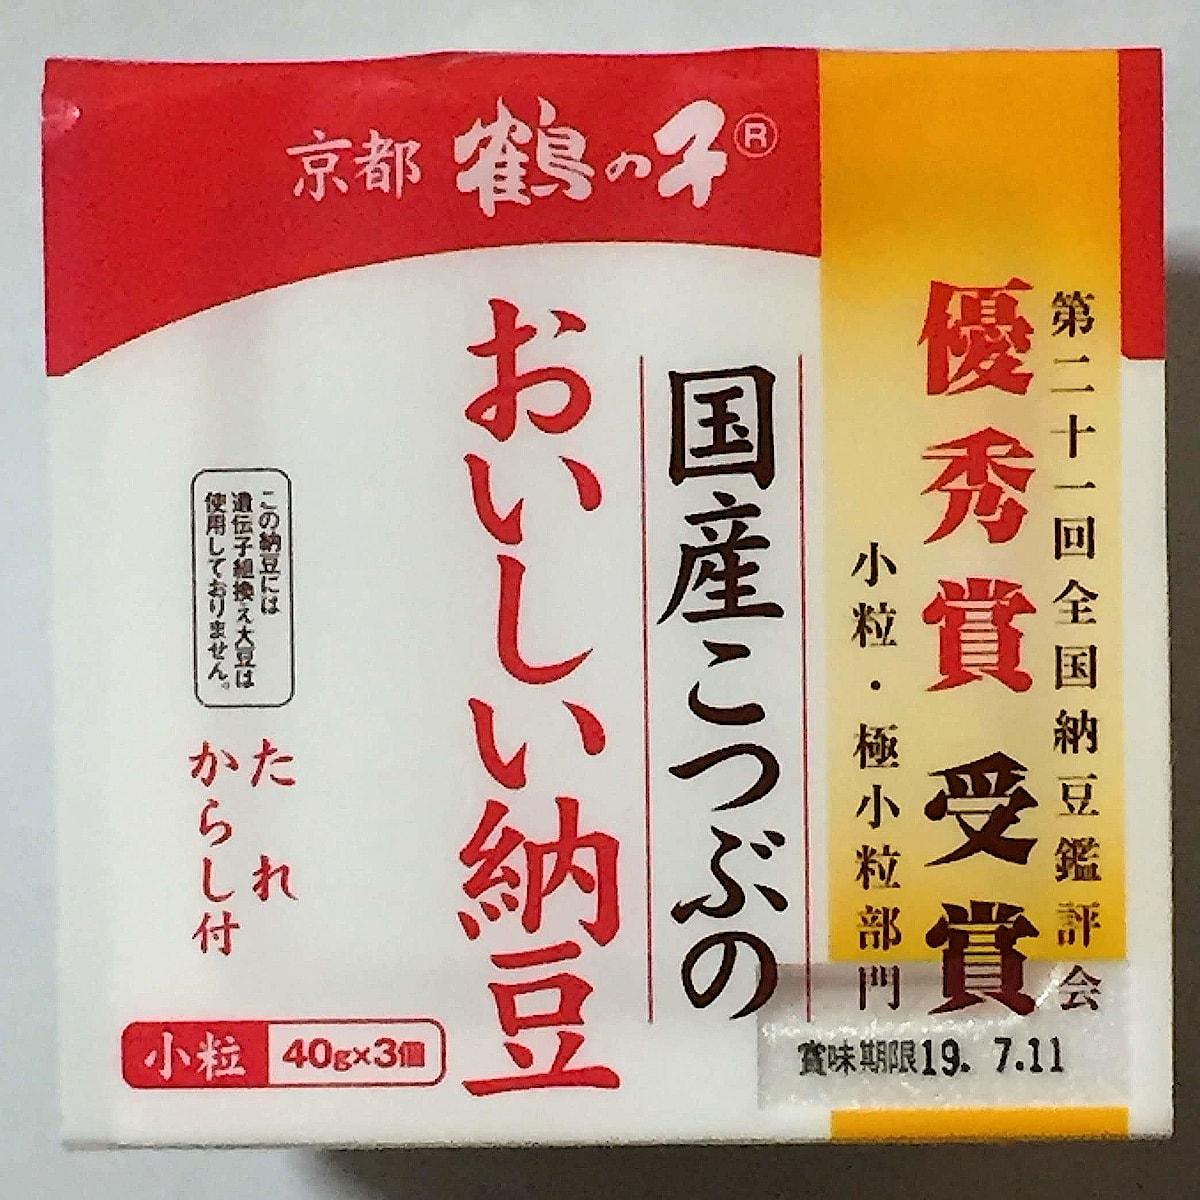 高橋食品工業「国産こつぶのおいしい納豆」